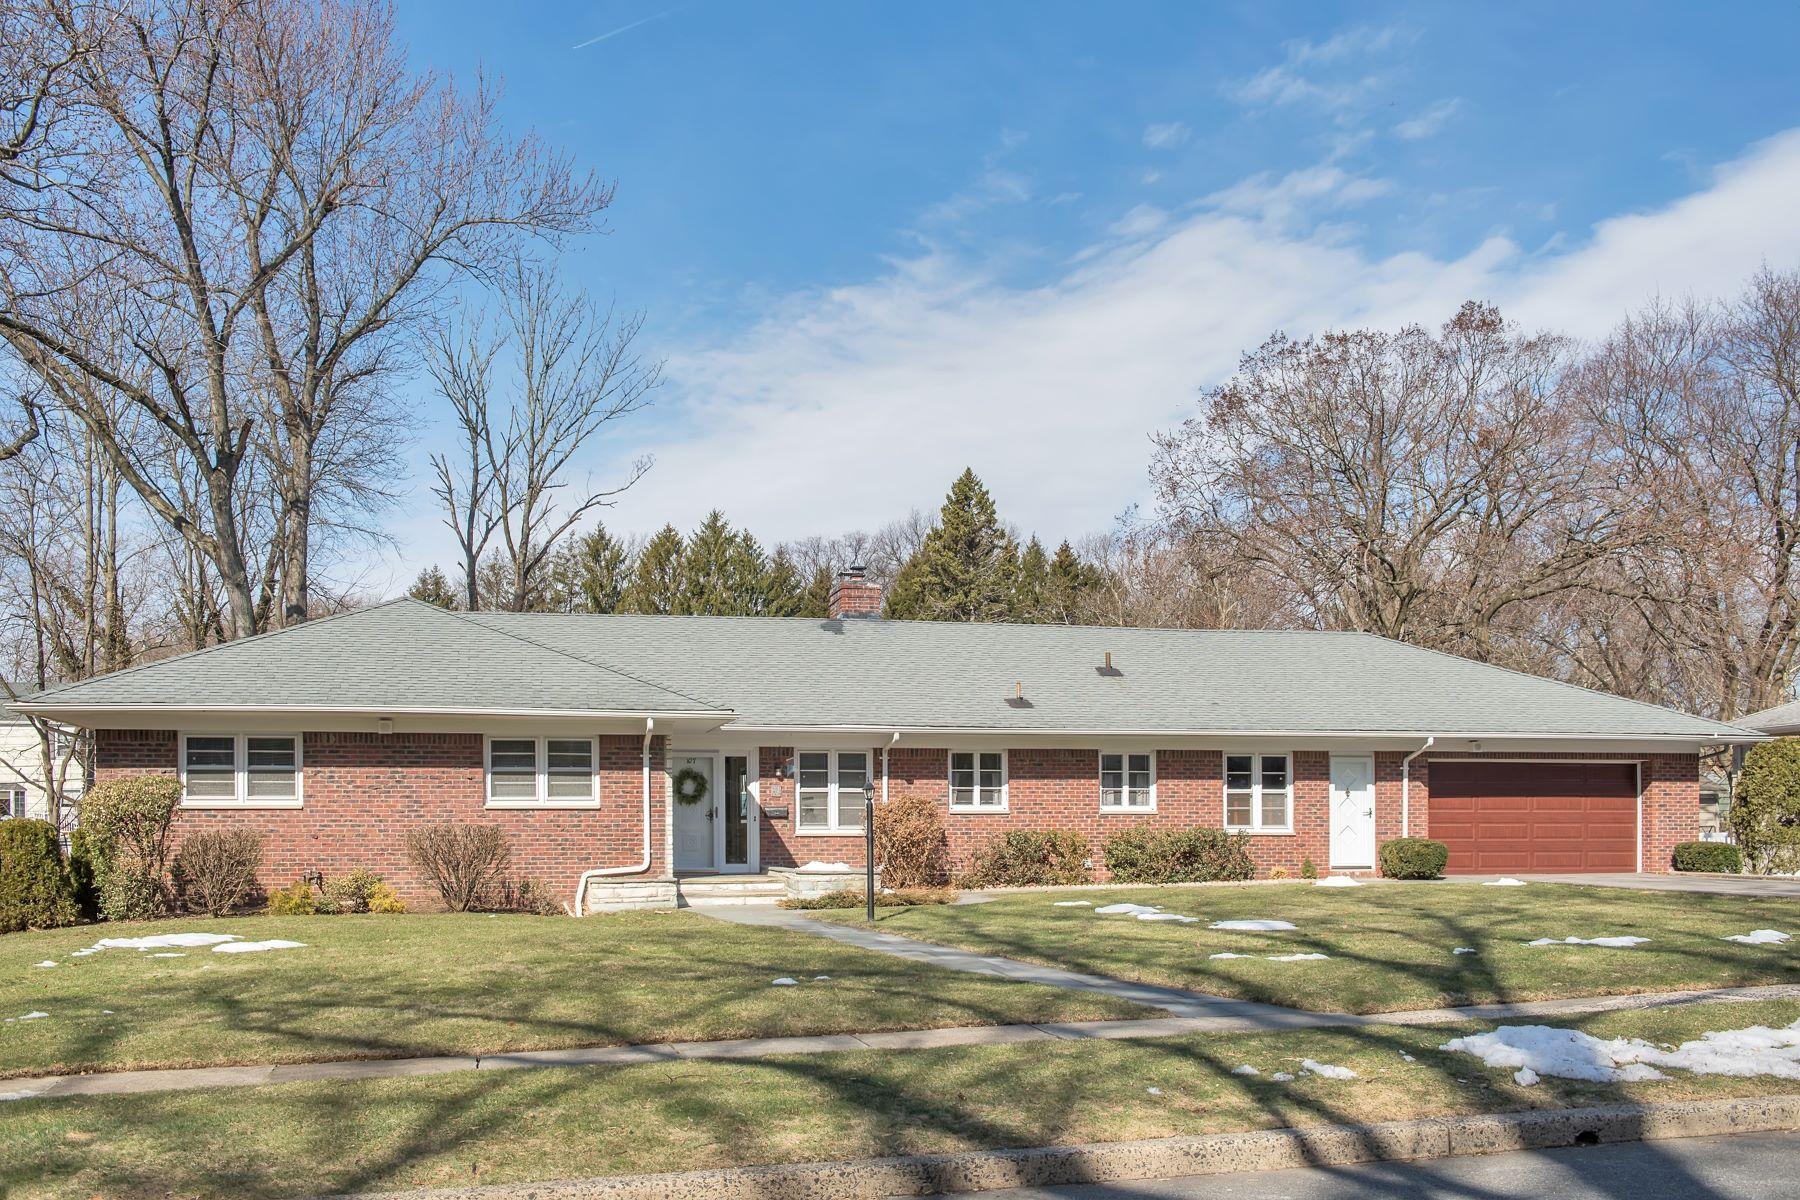 Maison unifamiliale pour l Vente à Sprawling Mid-Century Ranch in Montclair 107 Yantacaw Brook Road 1h, Montclair, New Jersey, 07042 États-Unis